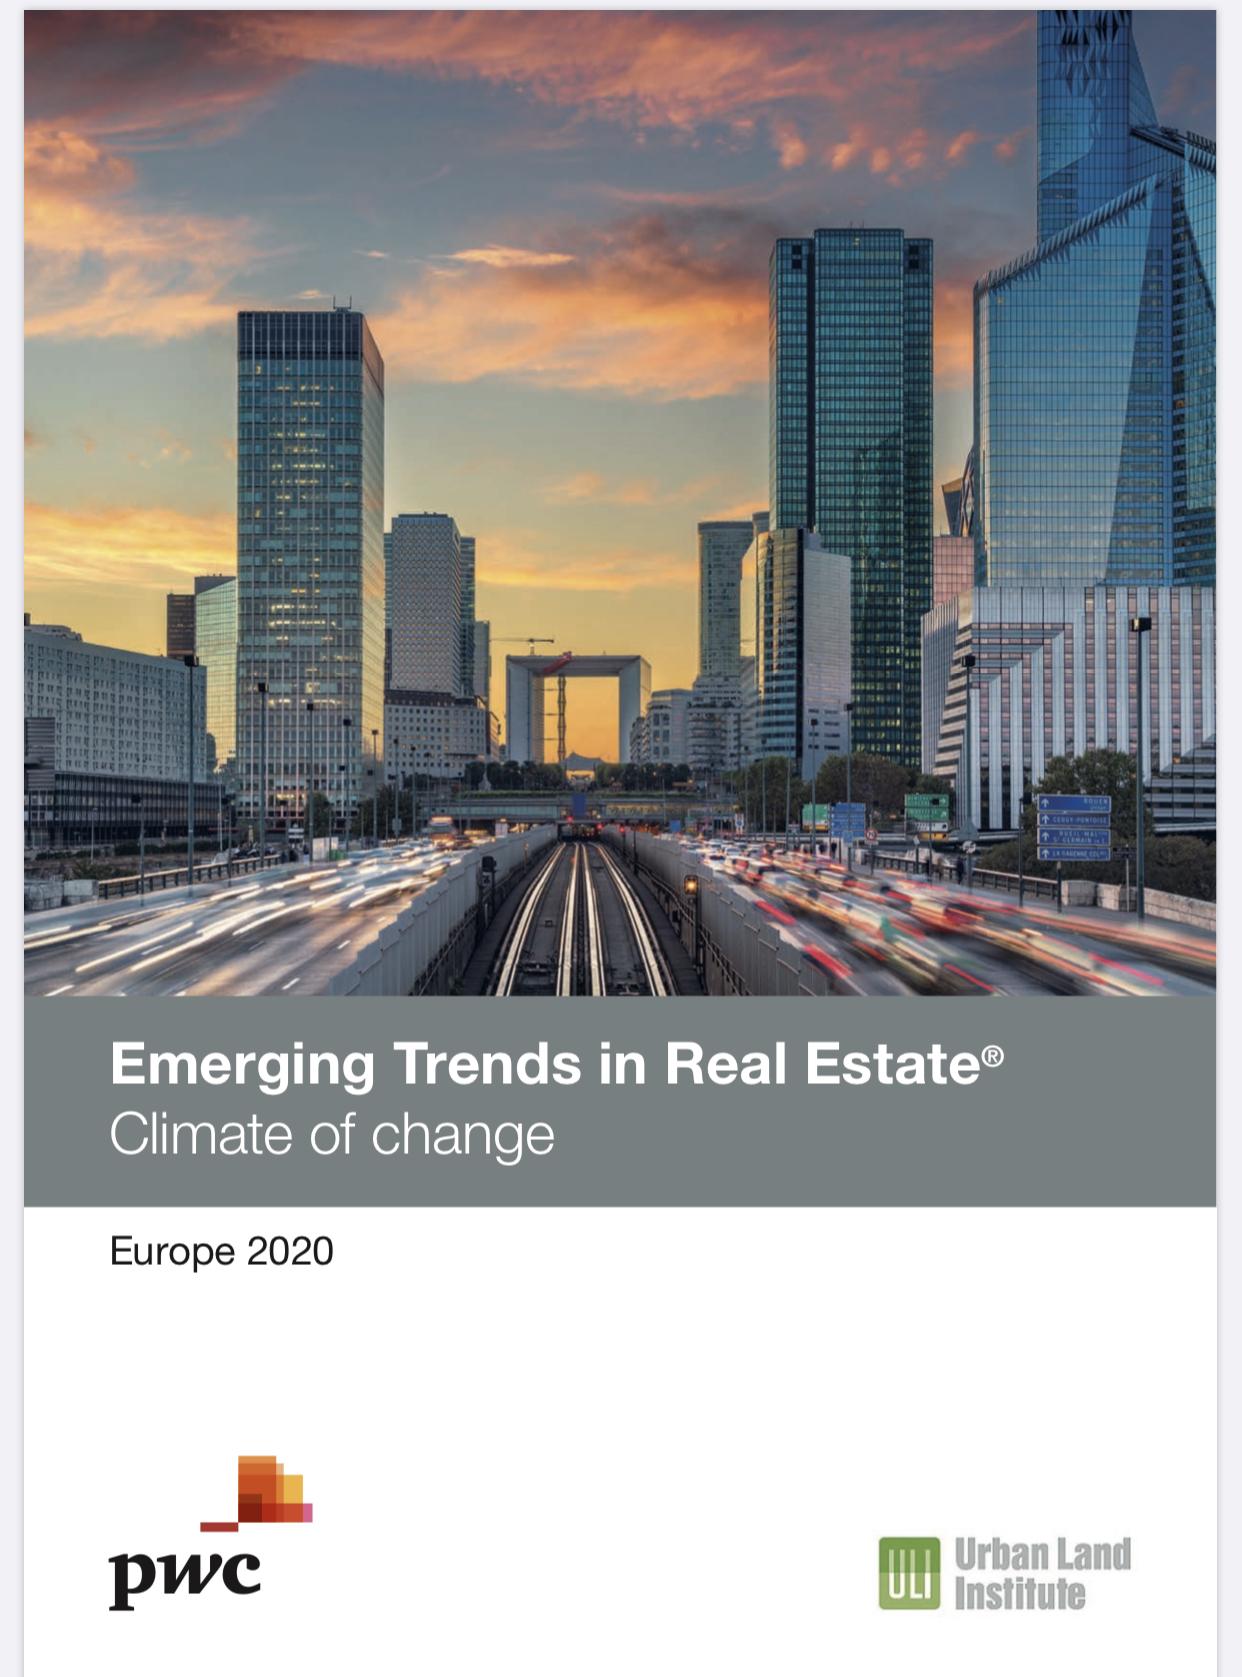 Paris est la ville la plus attractive pour les investissements immobiliers en Europe